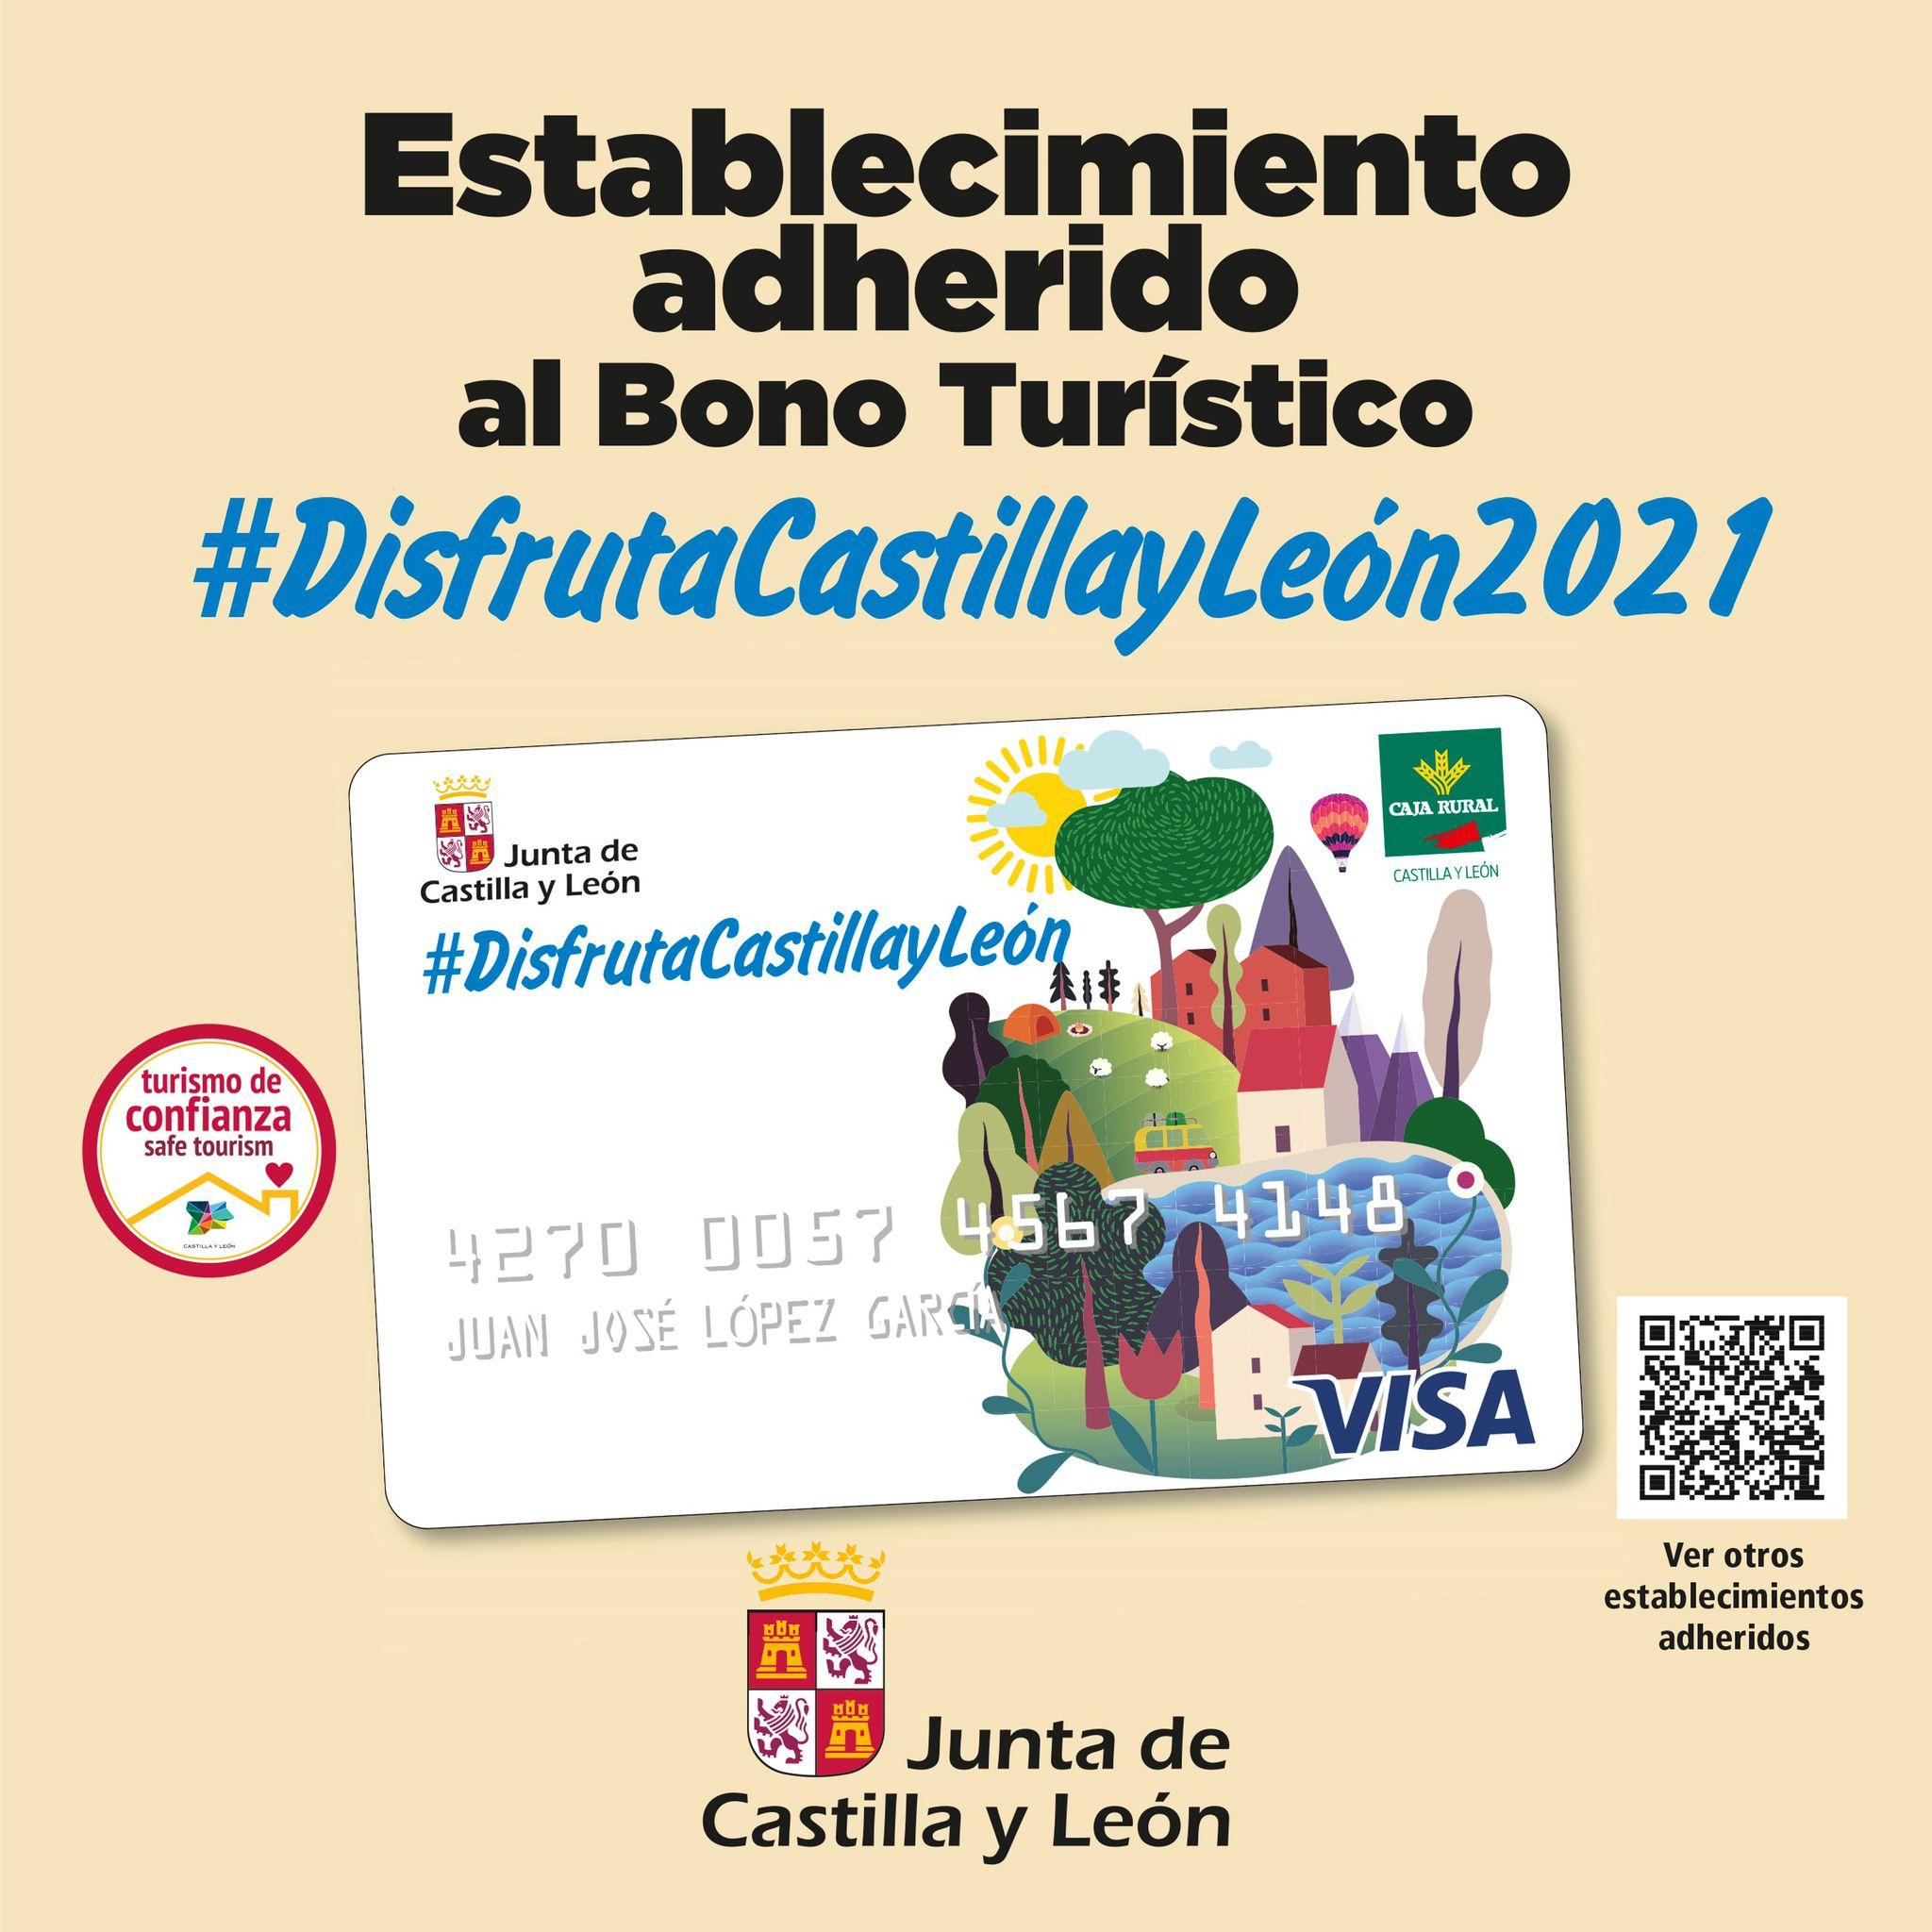 Establecimiento adherido al bono turístico Castilla y León